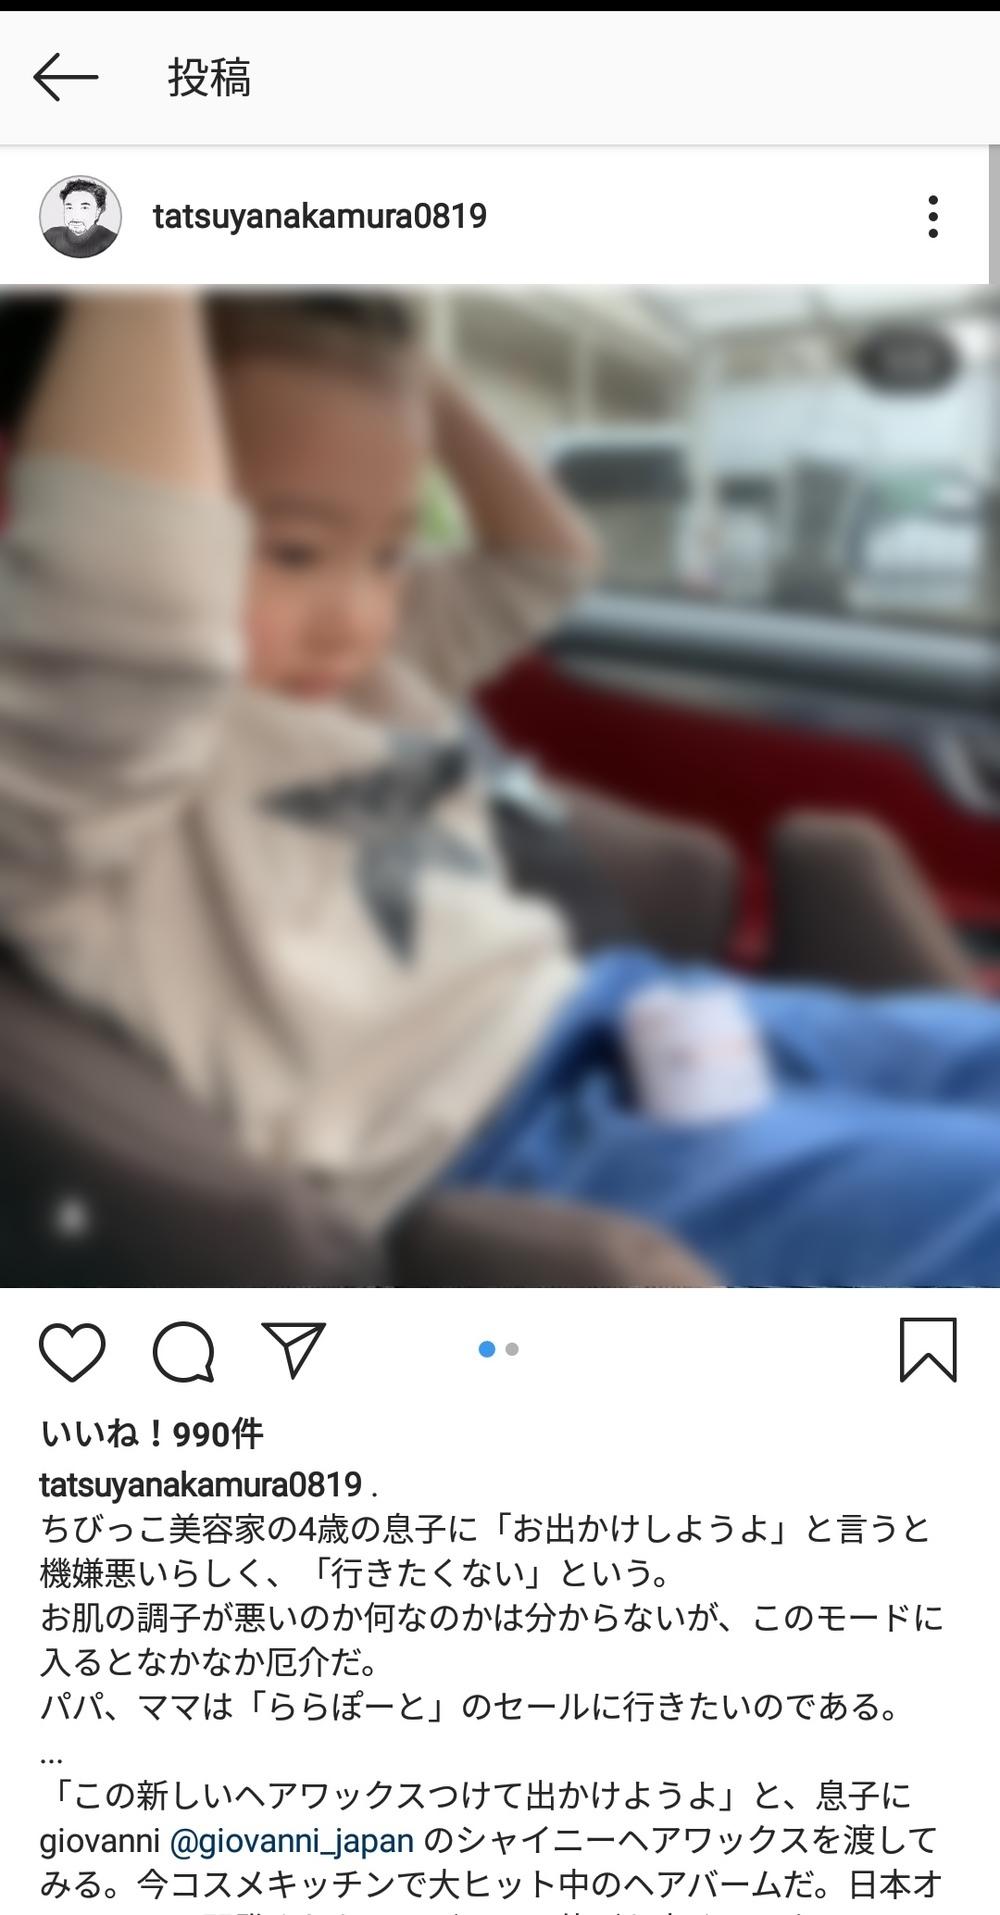 tatsuya nakamuraさんのお子さん。